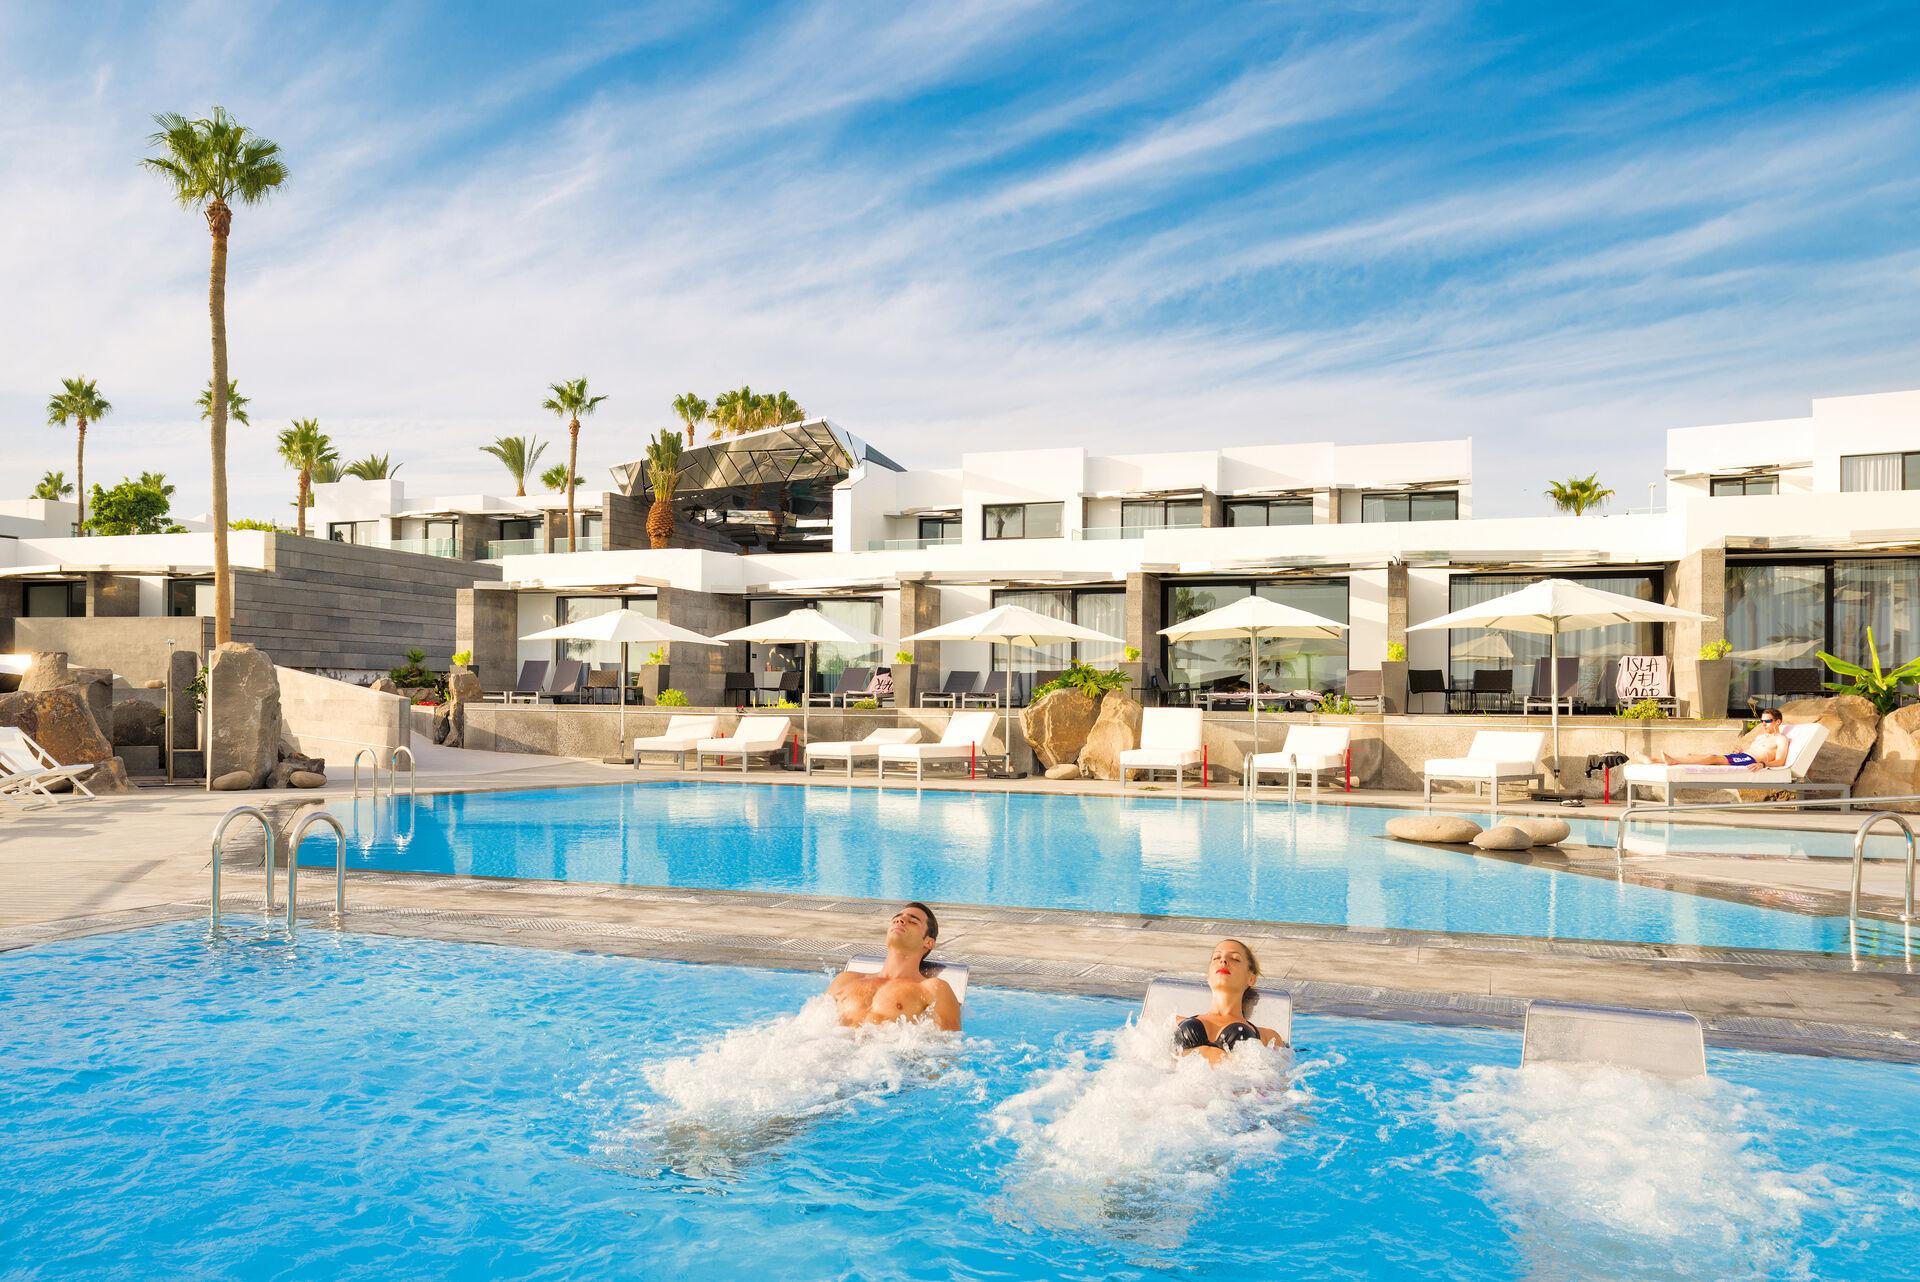 Séjour Lanzarote - La Isla y el Mar Hotel Boutique - 5*